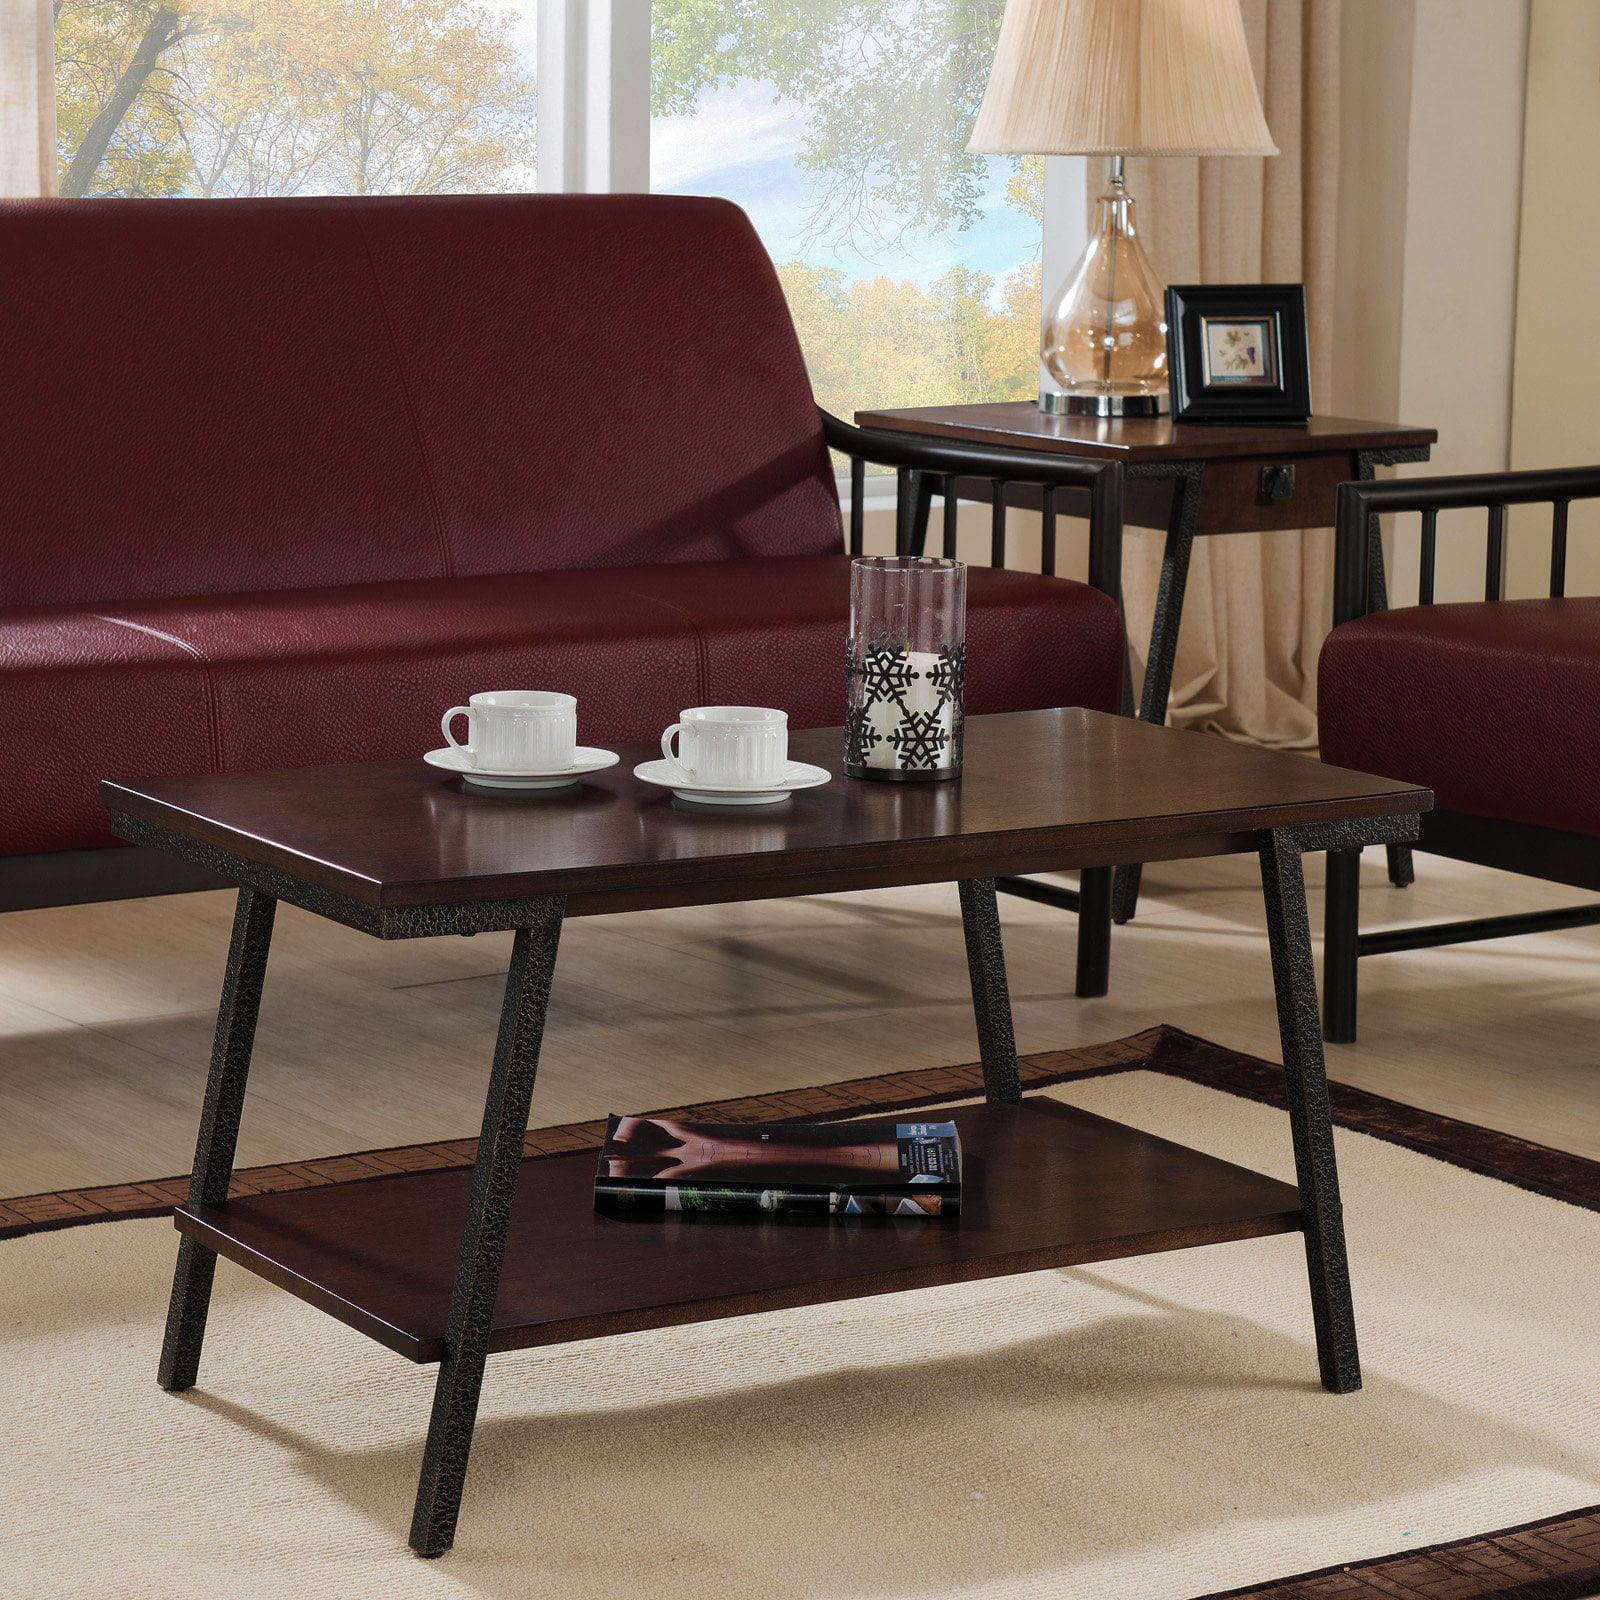 Leick Home Empiria Coffee Table